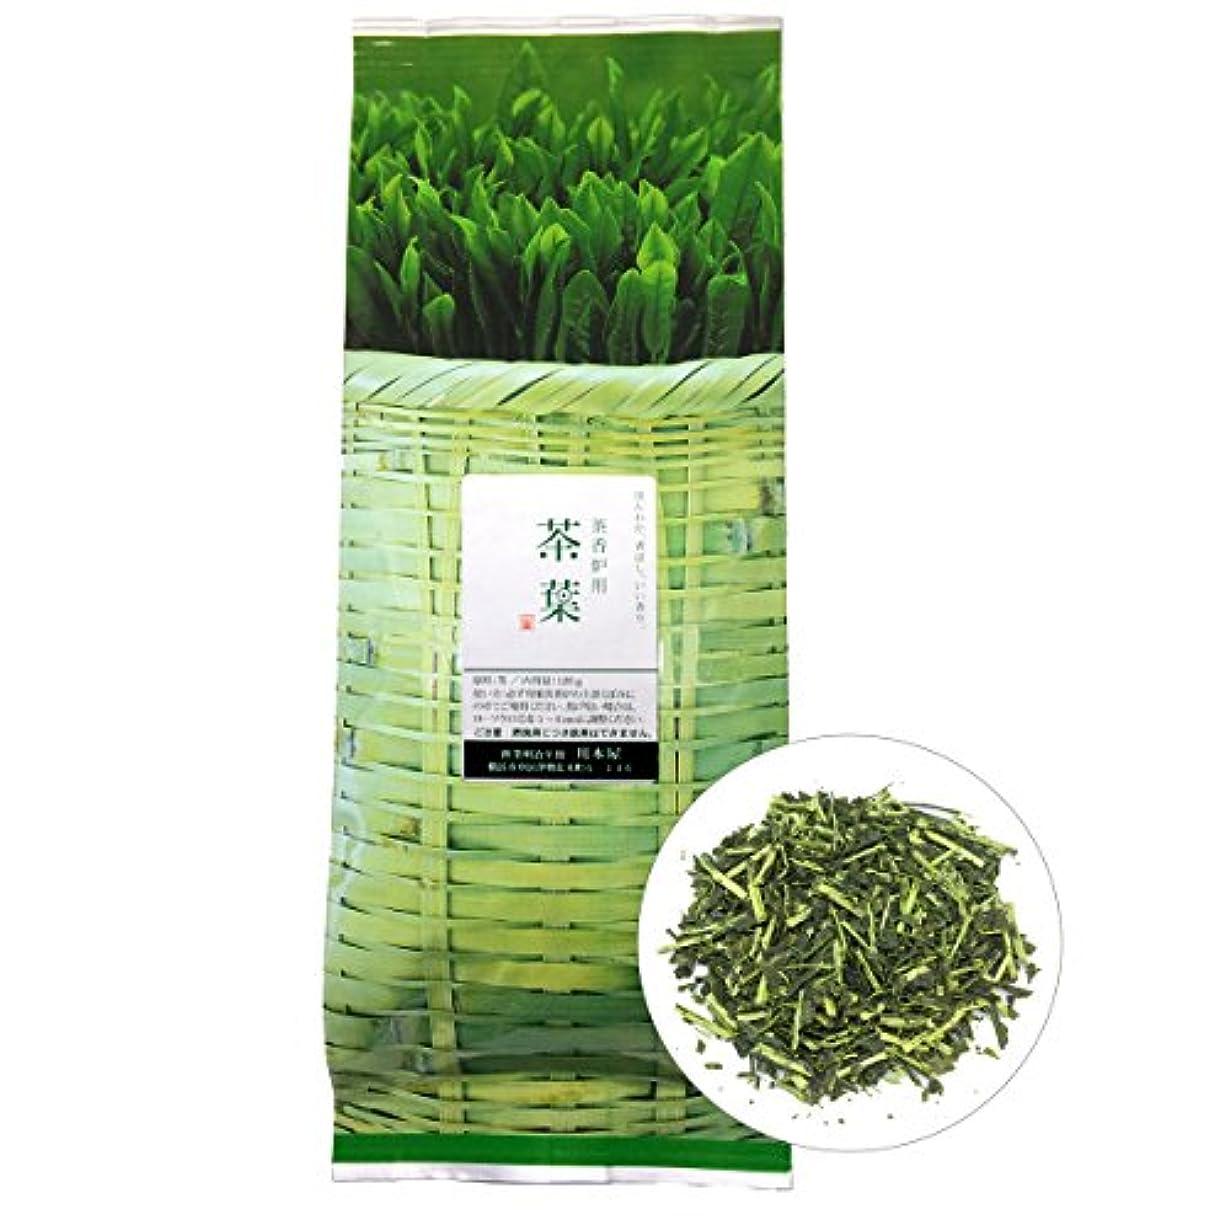 順番再生可能気候の山国産 茶香炉専用 茶葉110g (1袋) 川本屋茶舗